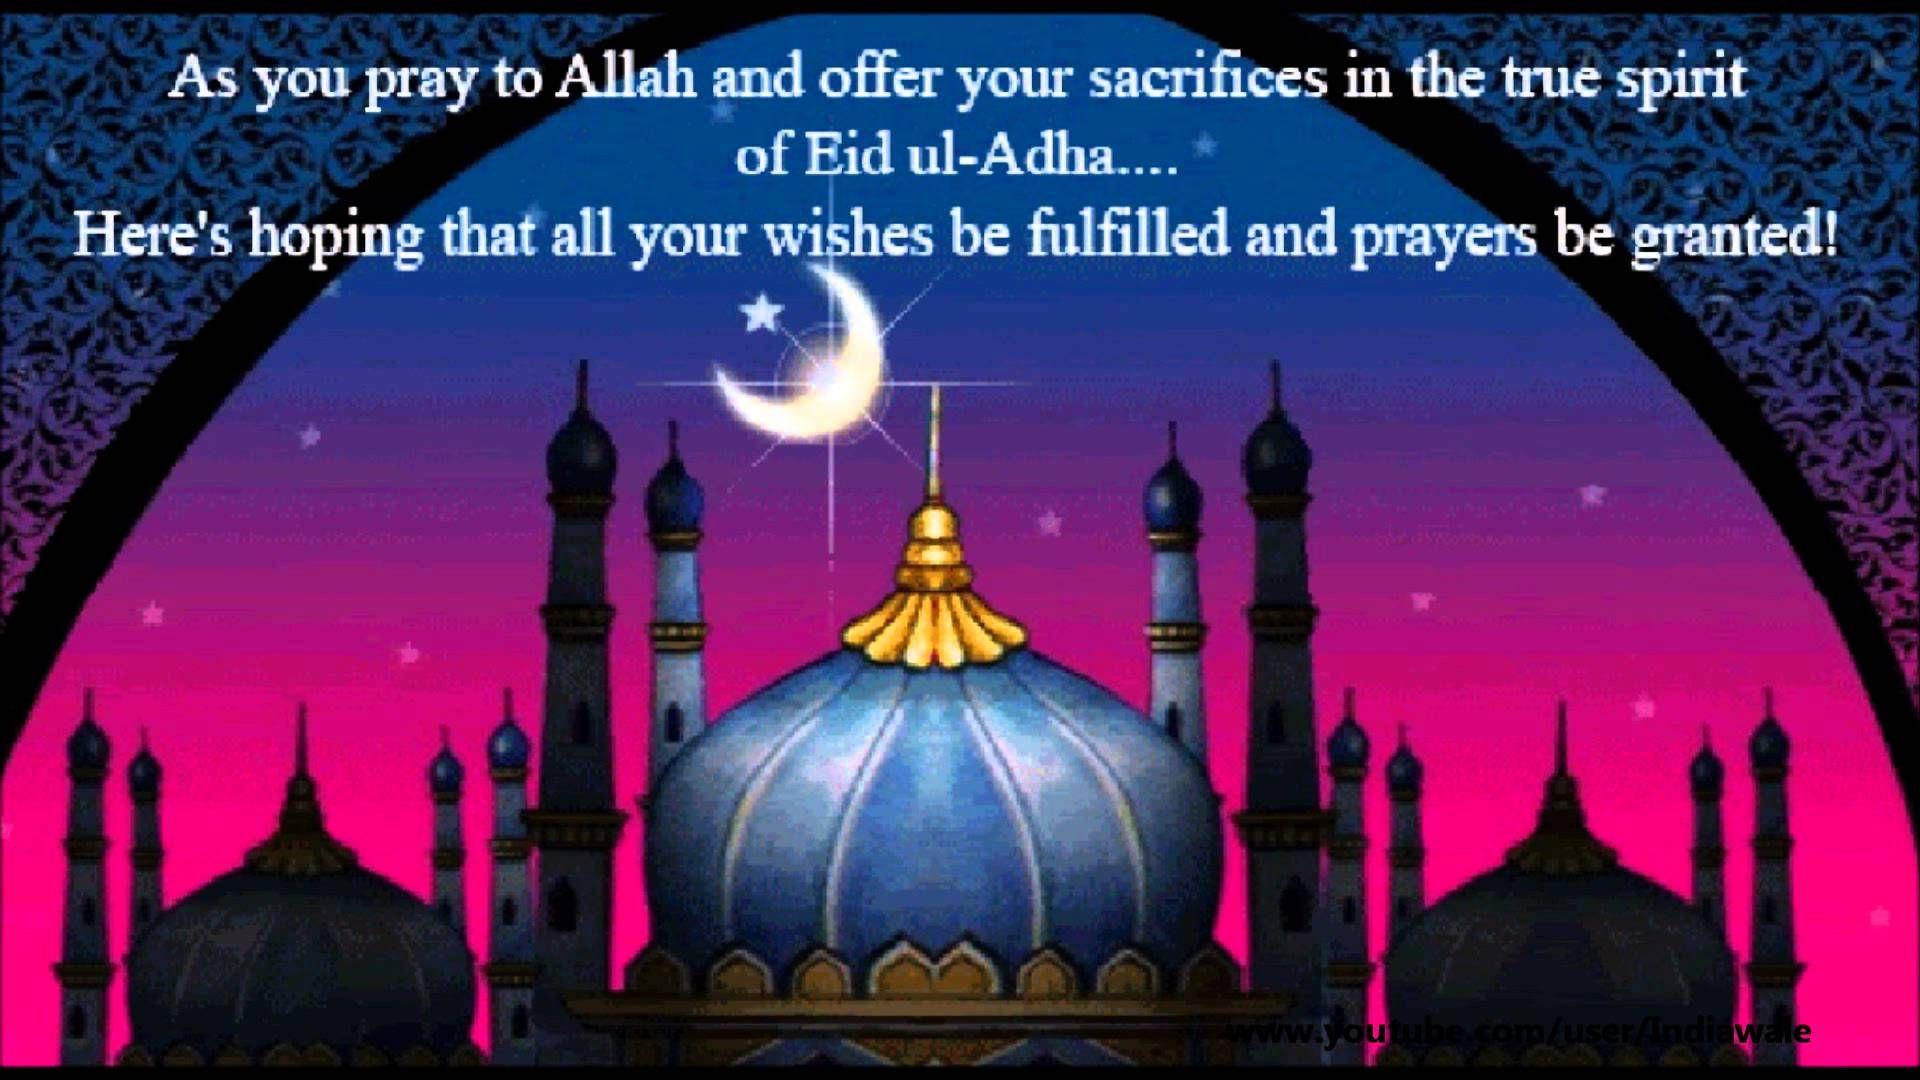 Eid Al Adha Greetings Eid Al Adha Greeting Pinterest Eid Eid